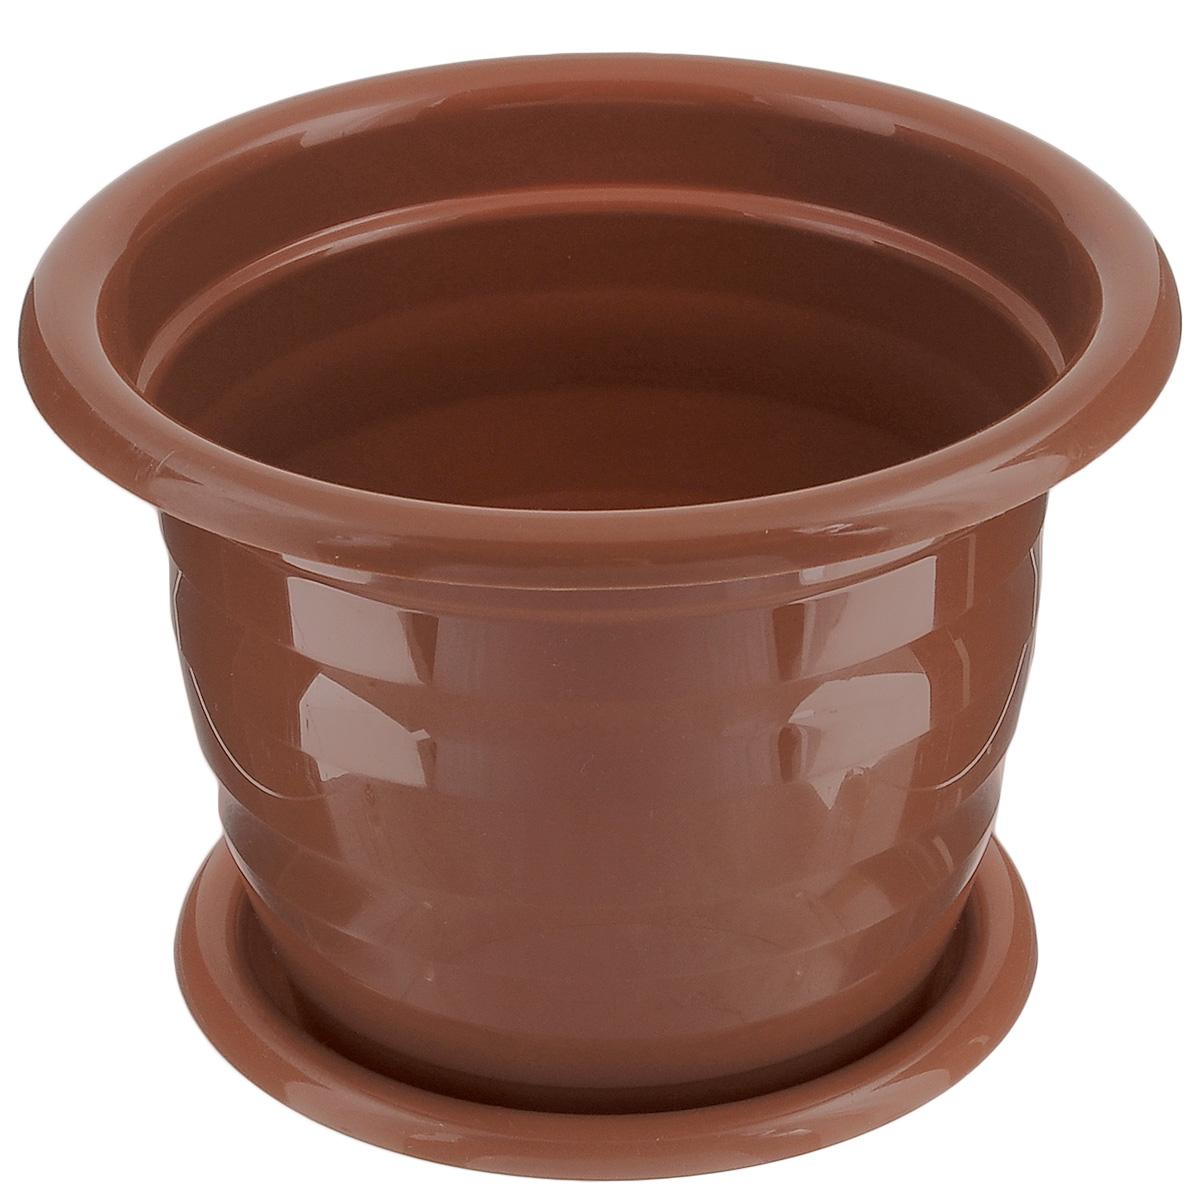 Горшок для цветов Альтернатива Виола, с поддоном, цвет: коричневый, 2 л, диаметр 18 смМ1531Любой, даже самый современный и продуманный интерьер будет не завершенным без растений. Они не только очищают воздух и насыщают его кислородом, но и заметно украшают окружающее пространство. Такому полезному члену семьи просто необходимо красивое и функциональное кашпо, оригинальный горшок или необычная ваза! Мы предлагаем - Горшок для цветов 2 л Виола, поддон, цвет коричневый! Оптимальный выбор материала - это пластмасса! Почему мы так считаем? Малый вес. С легкостью переносите горшки и кашпо с места на место, ставьте их на столики или полки, подвешивайте под потолок, не беспокоясь о нагрузке. Простота ухода. Пластиковые изделия не нуждаются в специальных условиях хранения. Их легко чистить достаточно просто сполоснуть теплой водой. Никаких царапин. Пластиковые кашпо не царапают и не загрязняют поверхности, на которых стоят. Пластик дольше хранит влагу, а значит растение реже нуждается в поливе. Пластмасса не пропускает воздух корневой системе растения не грозят резкие перепады температур. Огромный выбор форм, декора и расцветок вы без труда подберете что-то, что идеально впишется в уже существующий интерьер. Соблюдая нехитрые правила ухода, вы можете заметно продлить срок службы горшков, вазонов и кашпо из пластика: всегда учитывайте размер кроны и корневой системы растения (при разрастании большое растение способно повредить маленький горшок) берегите изделие от воздействия прямых солнечных лучей, чтобы кашпо и горшки не выцветали держите кашпо и горшки из пластика подальше от нагревающихся поверхностей. Создавайте прекрасные цветочные композиции, выращивайте рассаду или необычные растения, а низкие цены позволят вам не ограничивать себя в выборе.